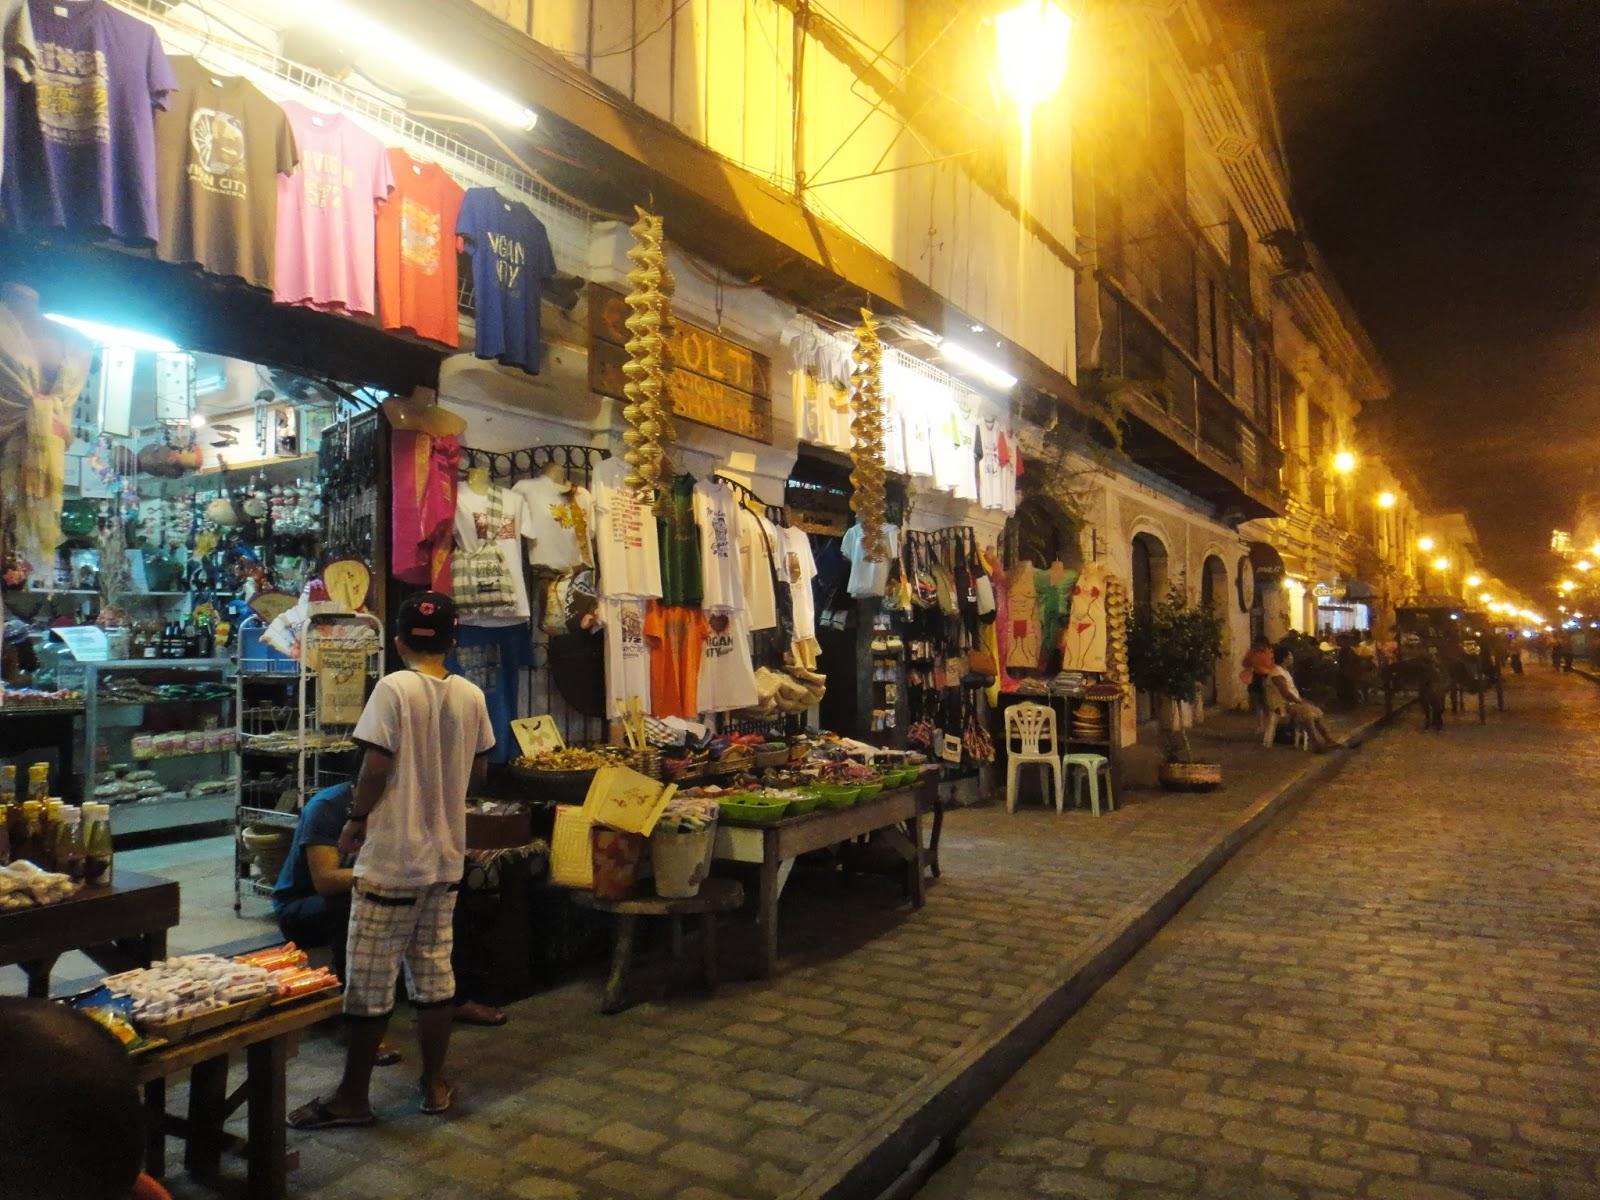 Vigan Ilocos Sur: An aura of cultural heritage